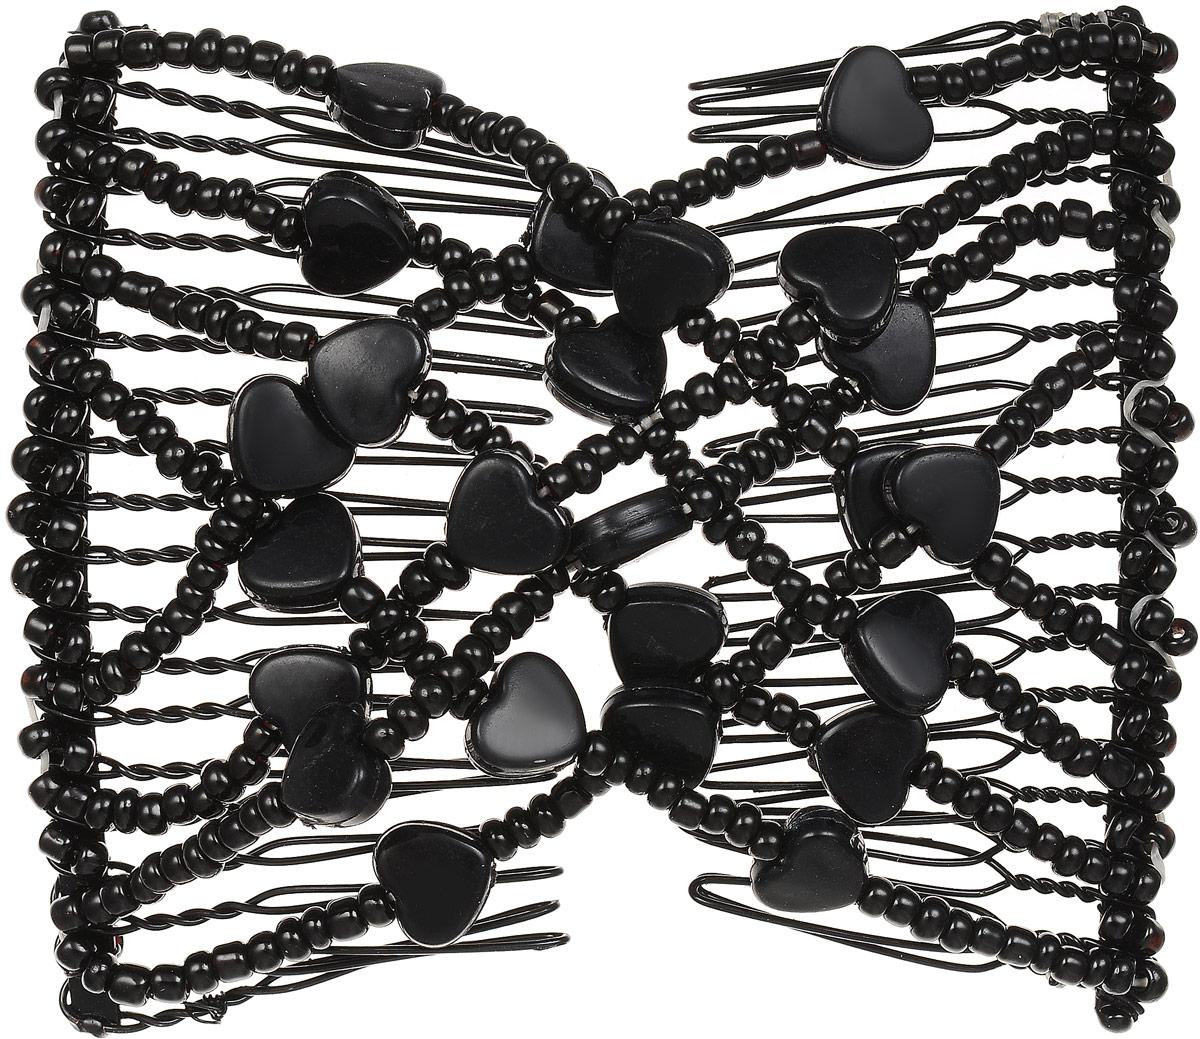 EZ-Combs Заколка Изи-Комбс, одинарная, цвет: черный. ЗИО_сердечкиЗИО_черный, сердечкиУдобная и практичная EZ-Combs подходит для любого типа волос: тонких, жестких, вьющихся или прямых, и не наносит им никакого вреда. Заколка не мешает движениям головы и не создает дискомфорта, когда вы отдыхаете или управляете автомобилем. Каждый гребень имеет по 20 зубьев для надежной фиксации заколки на волосах! И даже во время бега и интенсивных тренировок в спортзале EZ-Combs не падает; она прочно фиксирует прическу, сохраняя укладку в первозданном виде. Небольшая и легкая заколка для волос EZ-Combs поместится в любой дамской сумочке, позволяя быстро и без особых усилий создавать неповторимые прически там, где вам это удобно. Гребень прекрасно сочетается с любой одеждой: будь это классический или спортивный стиль, завершая гармоничный облик современной леди. И неважно, какой образ жизни вы ведете, если у вас есть EZ-Combs, вы всегда будете выглядеть потрясающе.